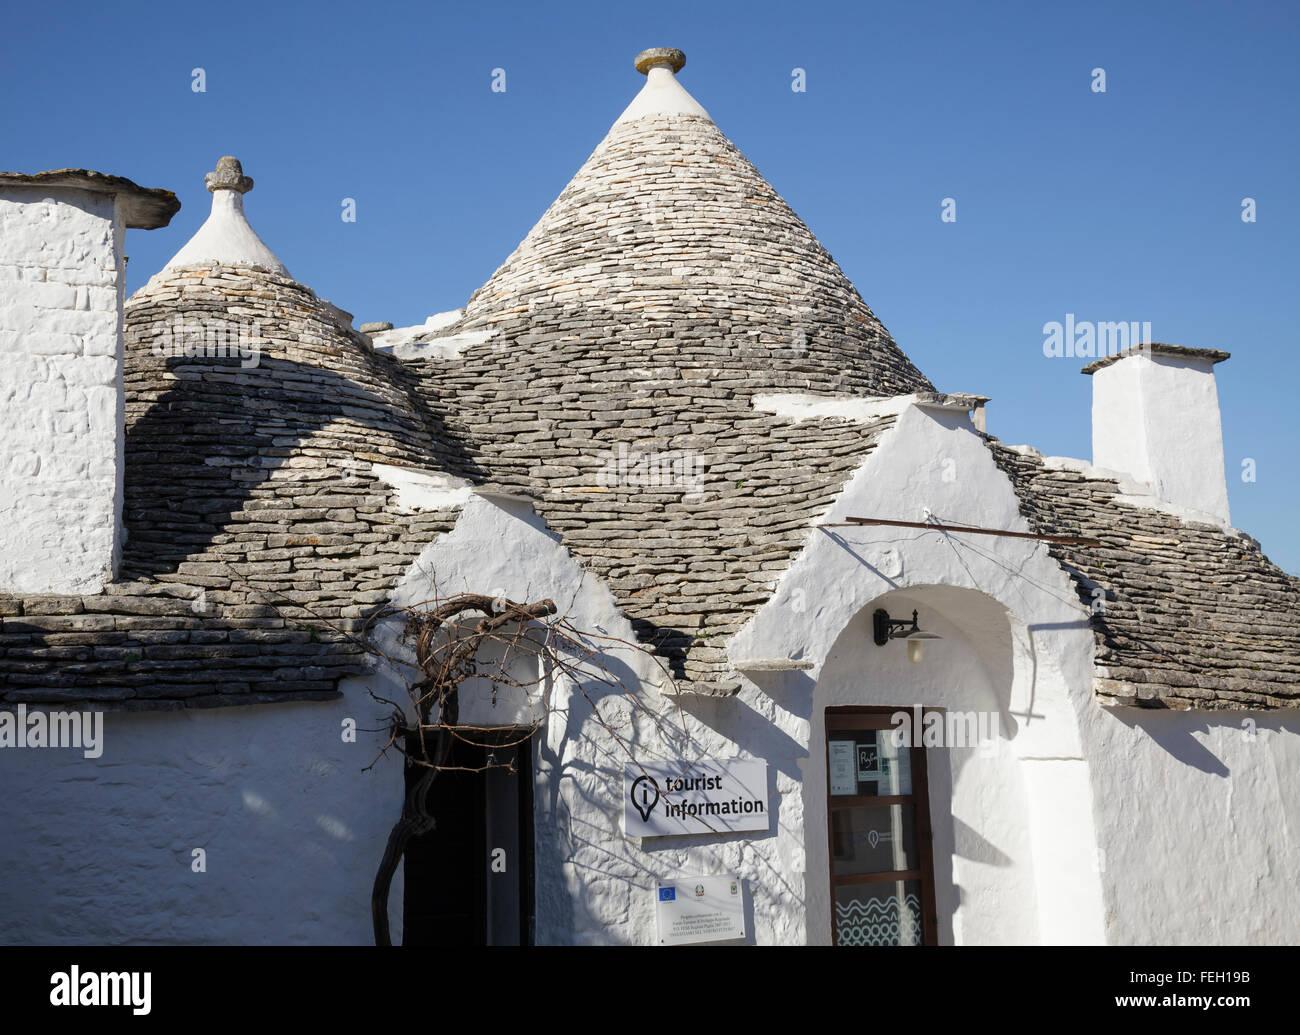 Información turística trullo, Alberobello, Puglia, Italia Imagen De Stock